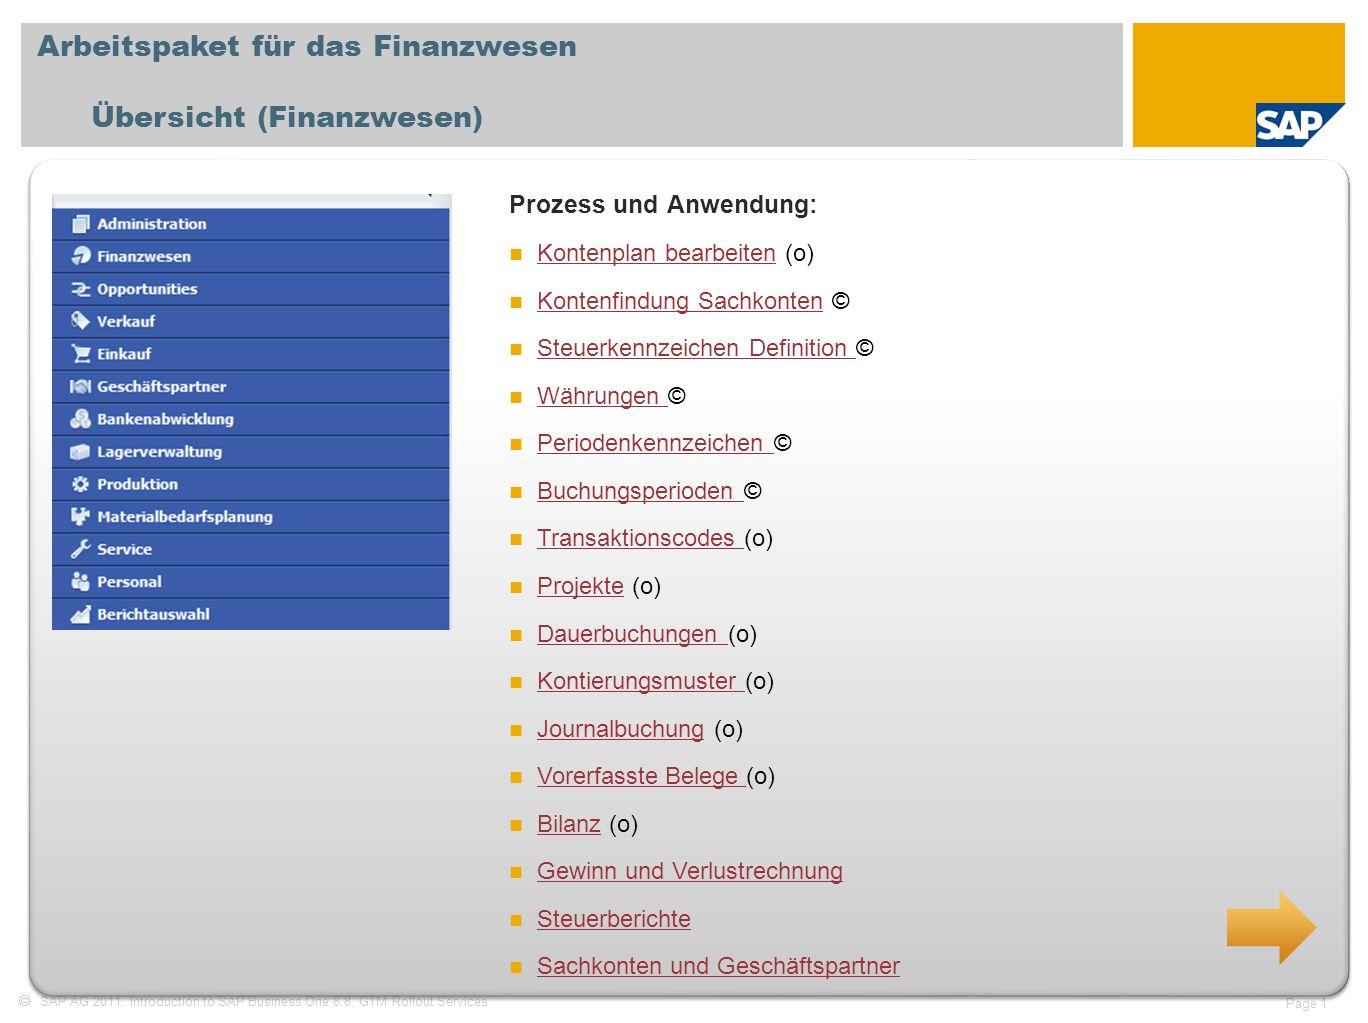 Arbeitspaket für das Finanzwesen Übersicht (Finanzwesen)